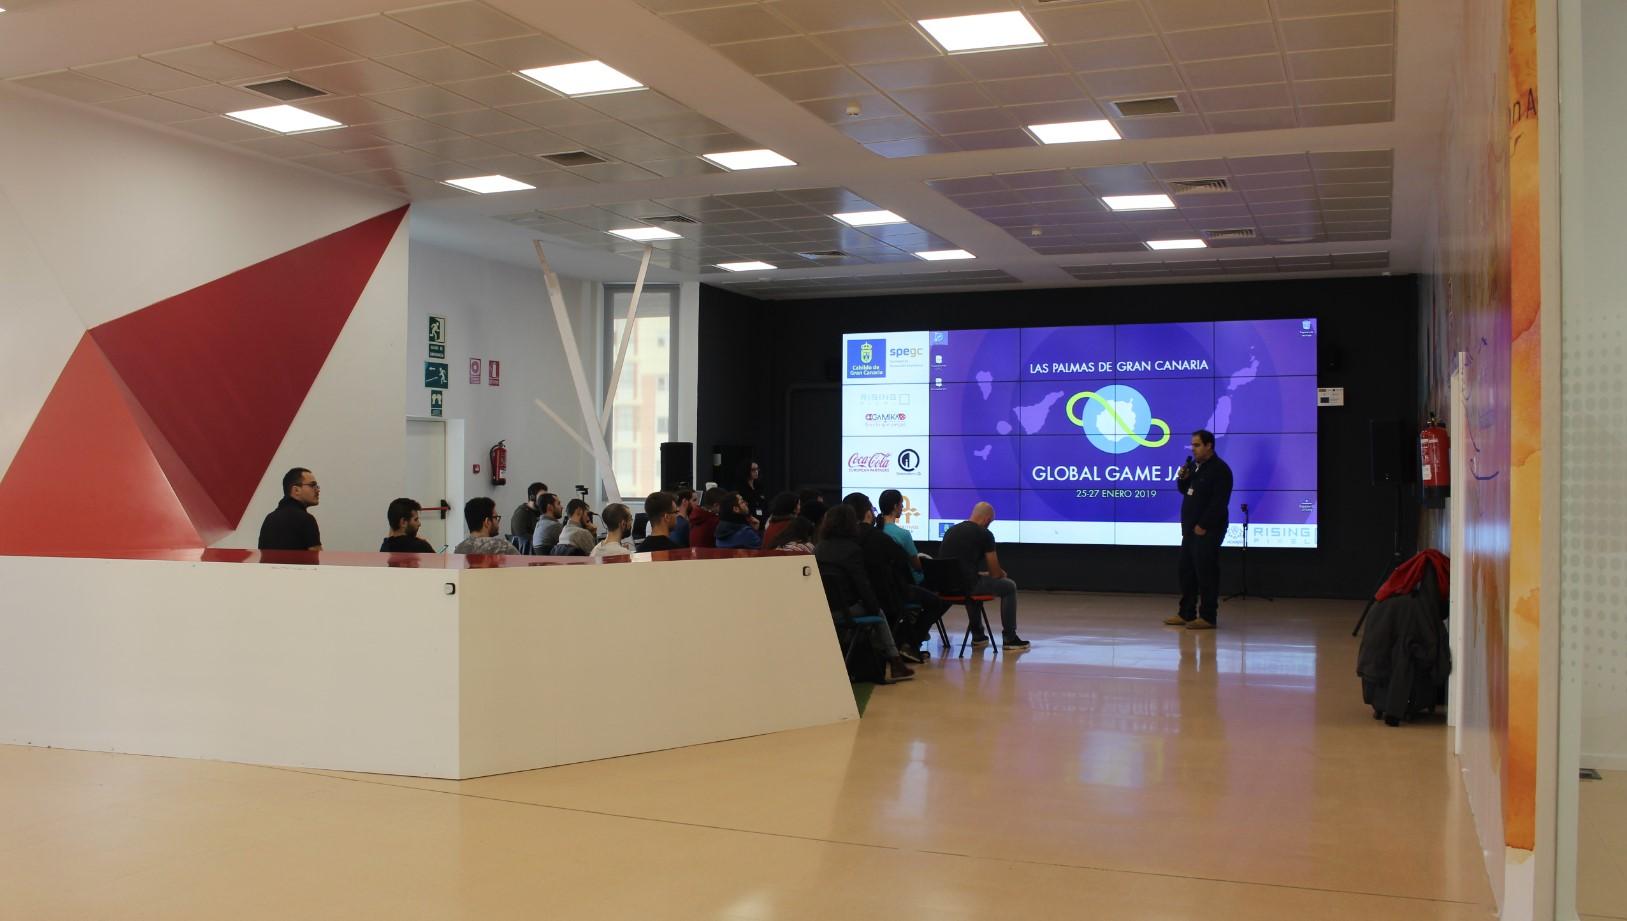 Los juegos de la Global Game Jam en Canarias